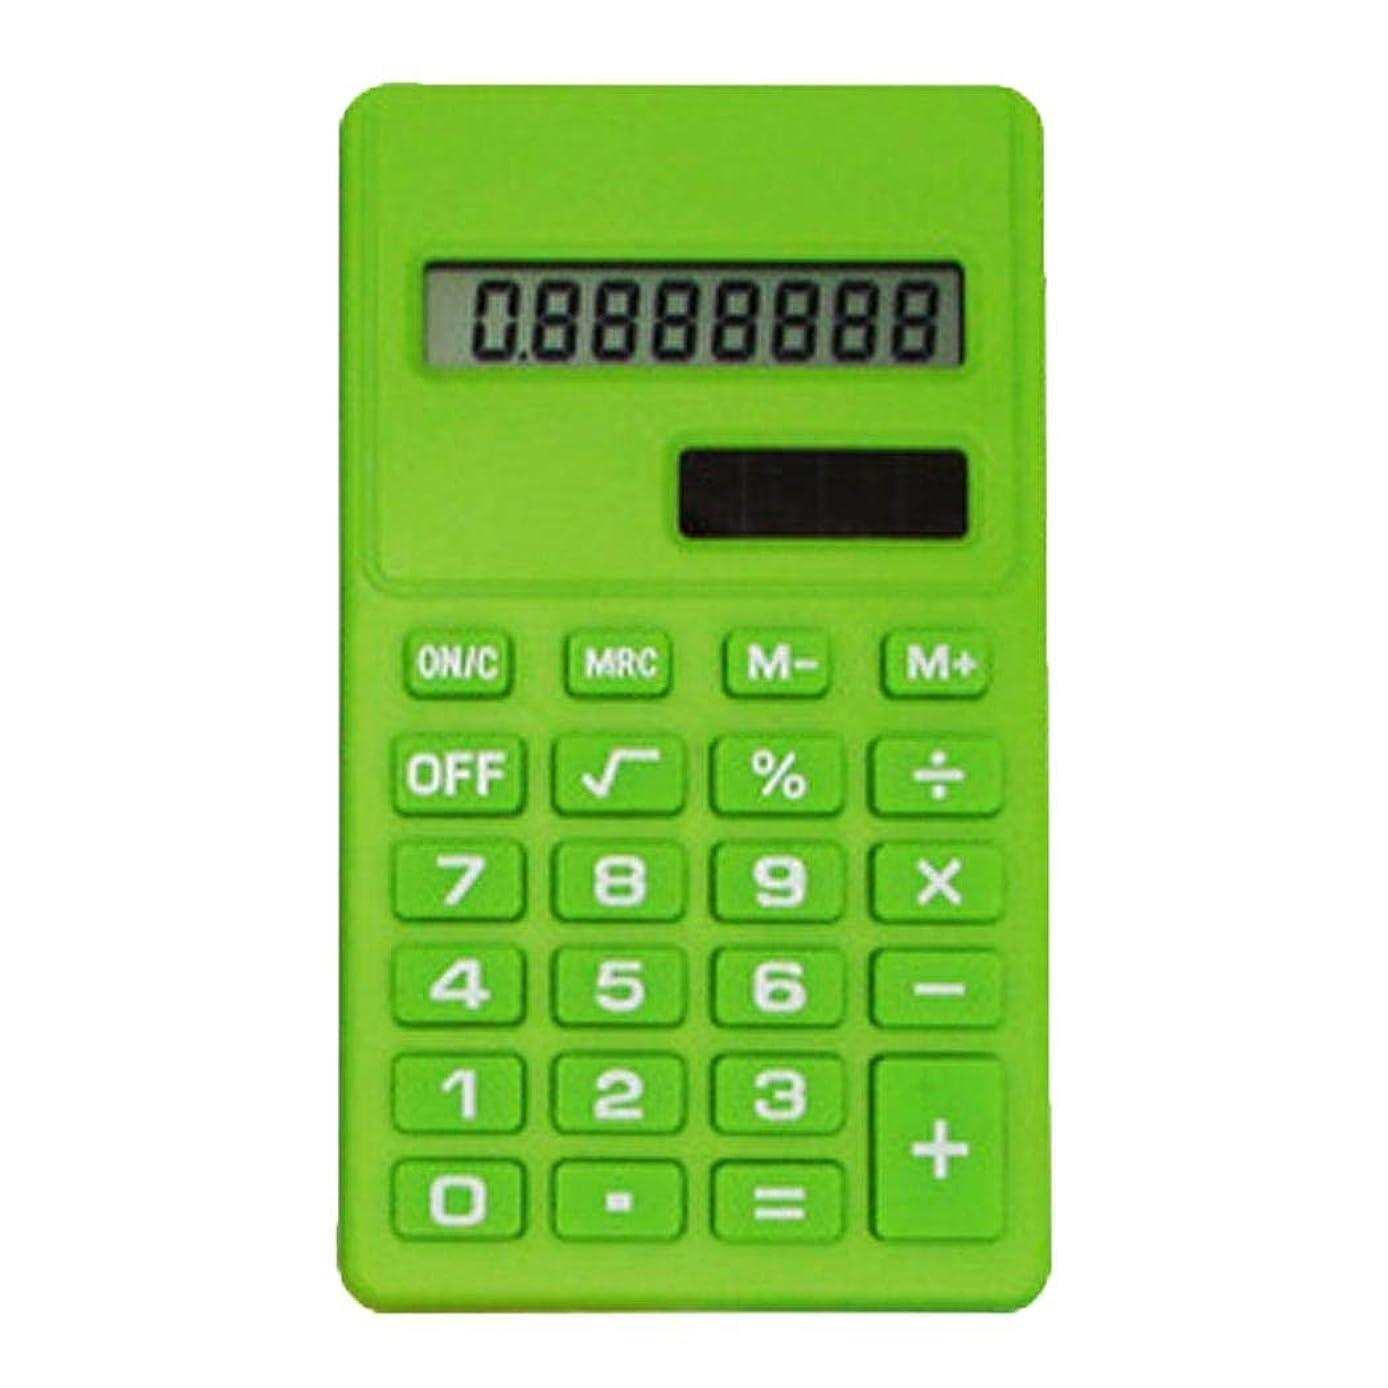 楽観的家庭教師飢えたBibmmo 8桁 シリコーン ミニ 電子計算機 学生 オフィス用品 ベーシック, 9.5 x 5.5cm/3.74 x 2.17inch (Approx.), BMLB043785_OG@#@